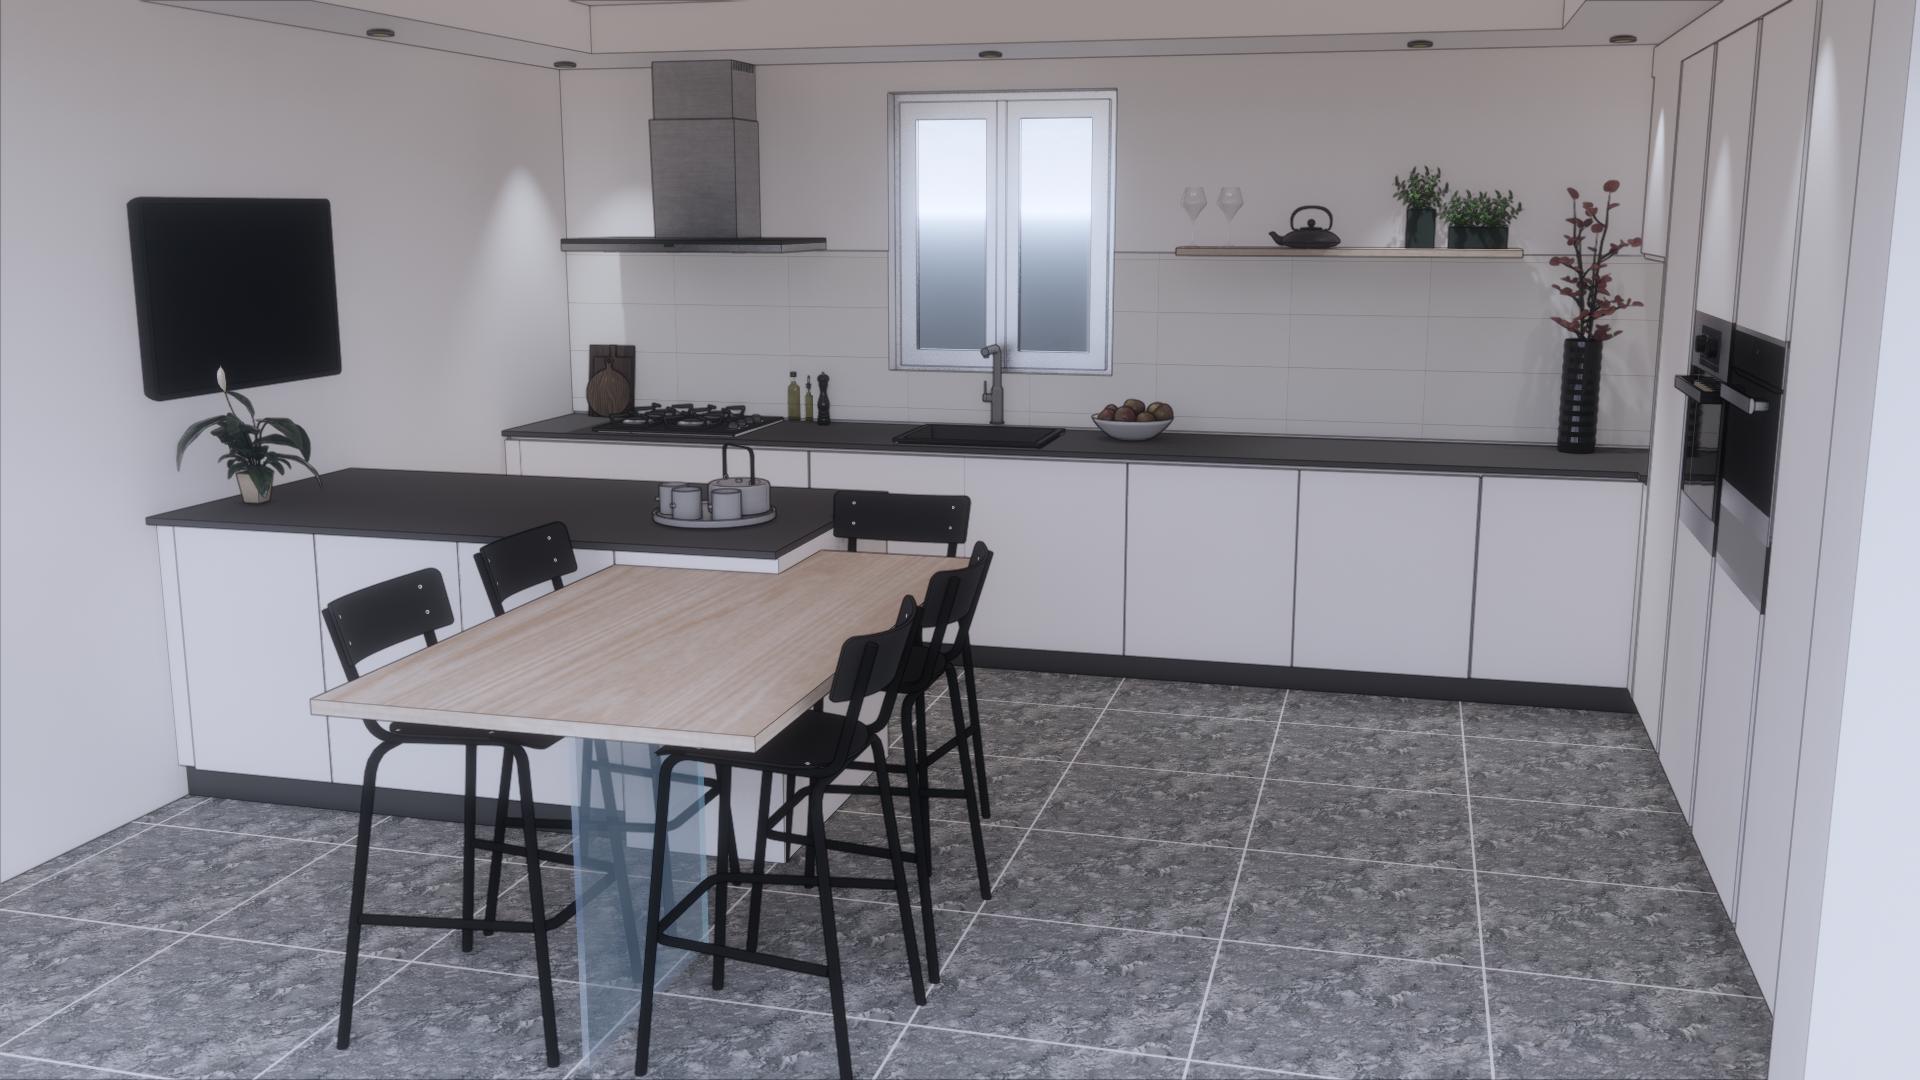 Rénovation de cuisine à Hoenheim